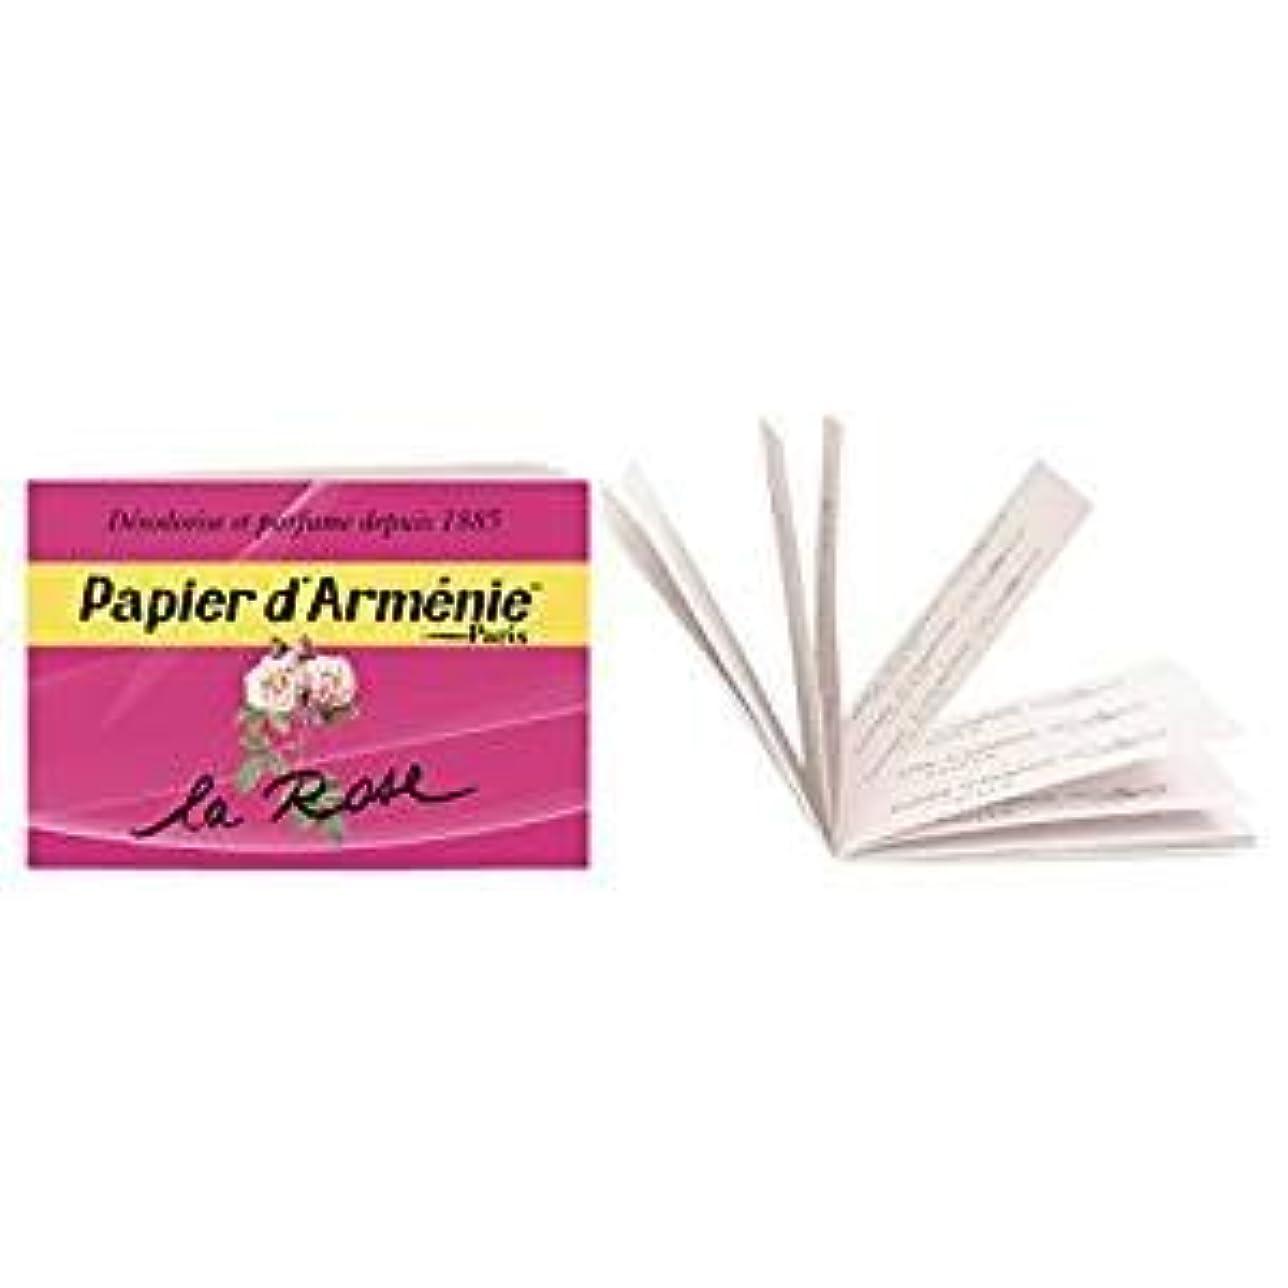 Papier d'Arménie パピエダルメニイ ローズ 紙のお香 フランス直送 [並行輸入品] (1個)